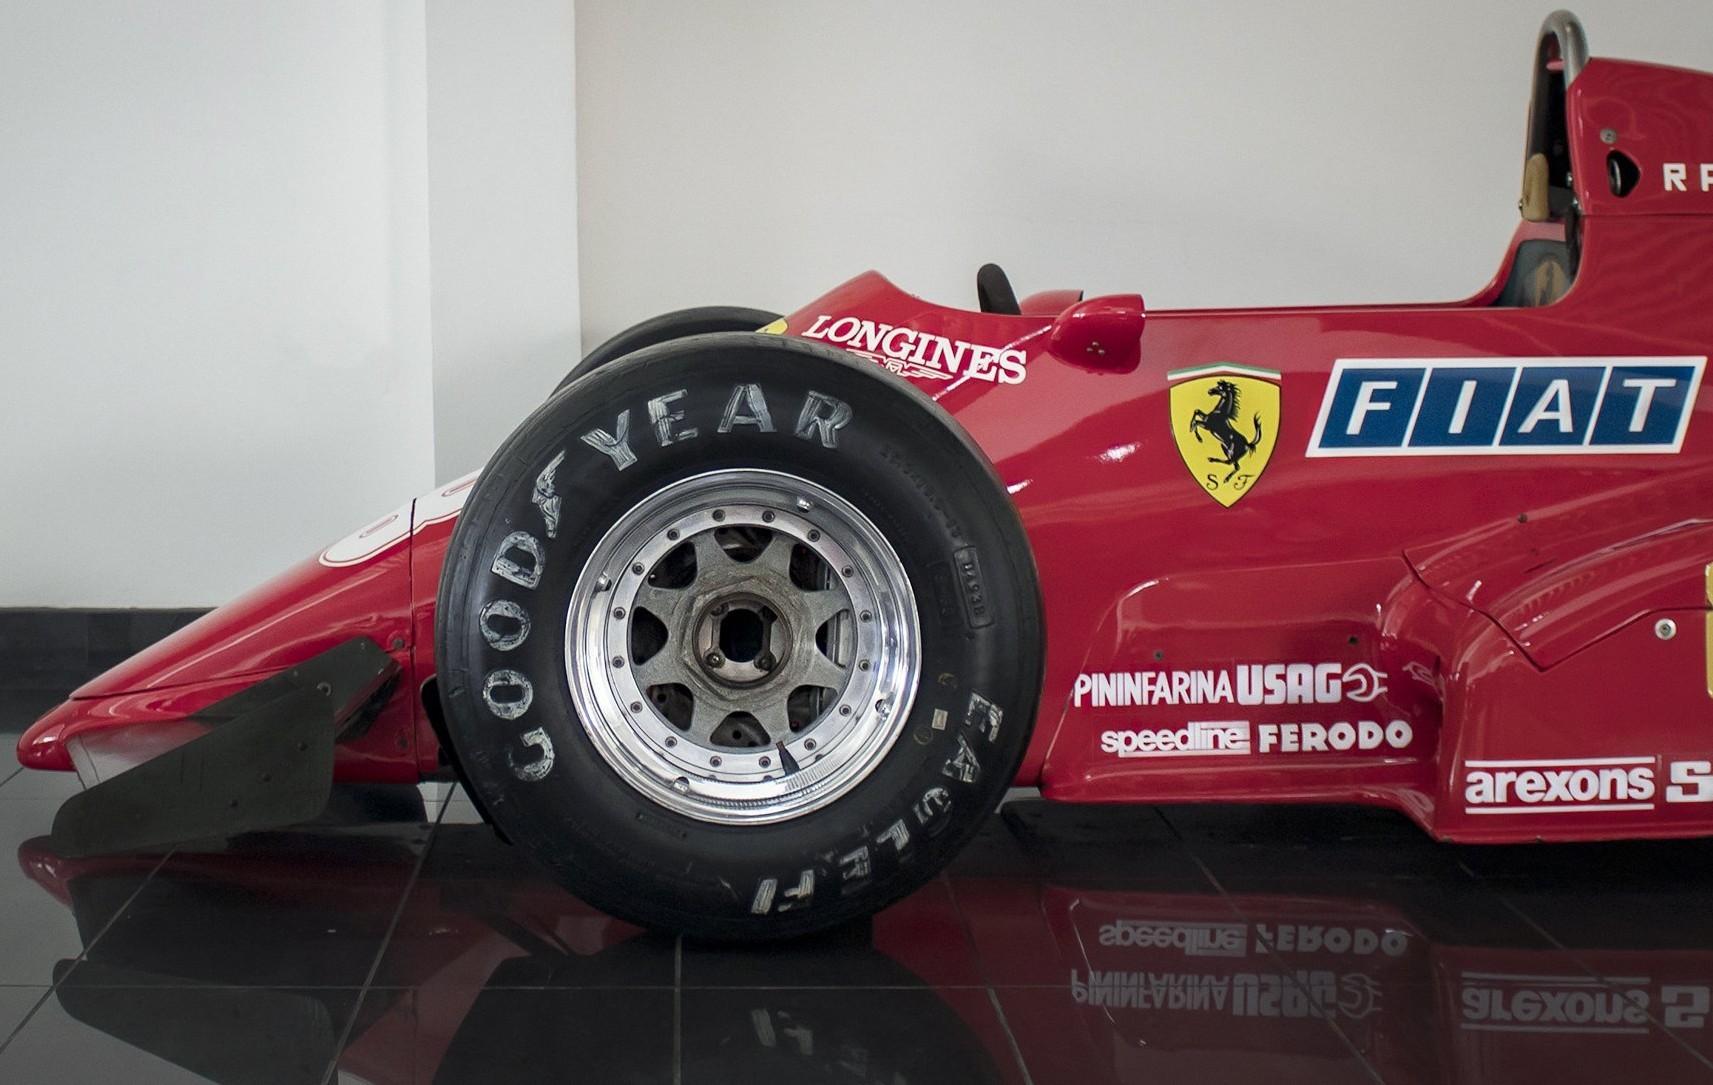 Esta unidad fue conducida por René Arnoux en 1983.